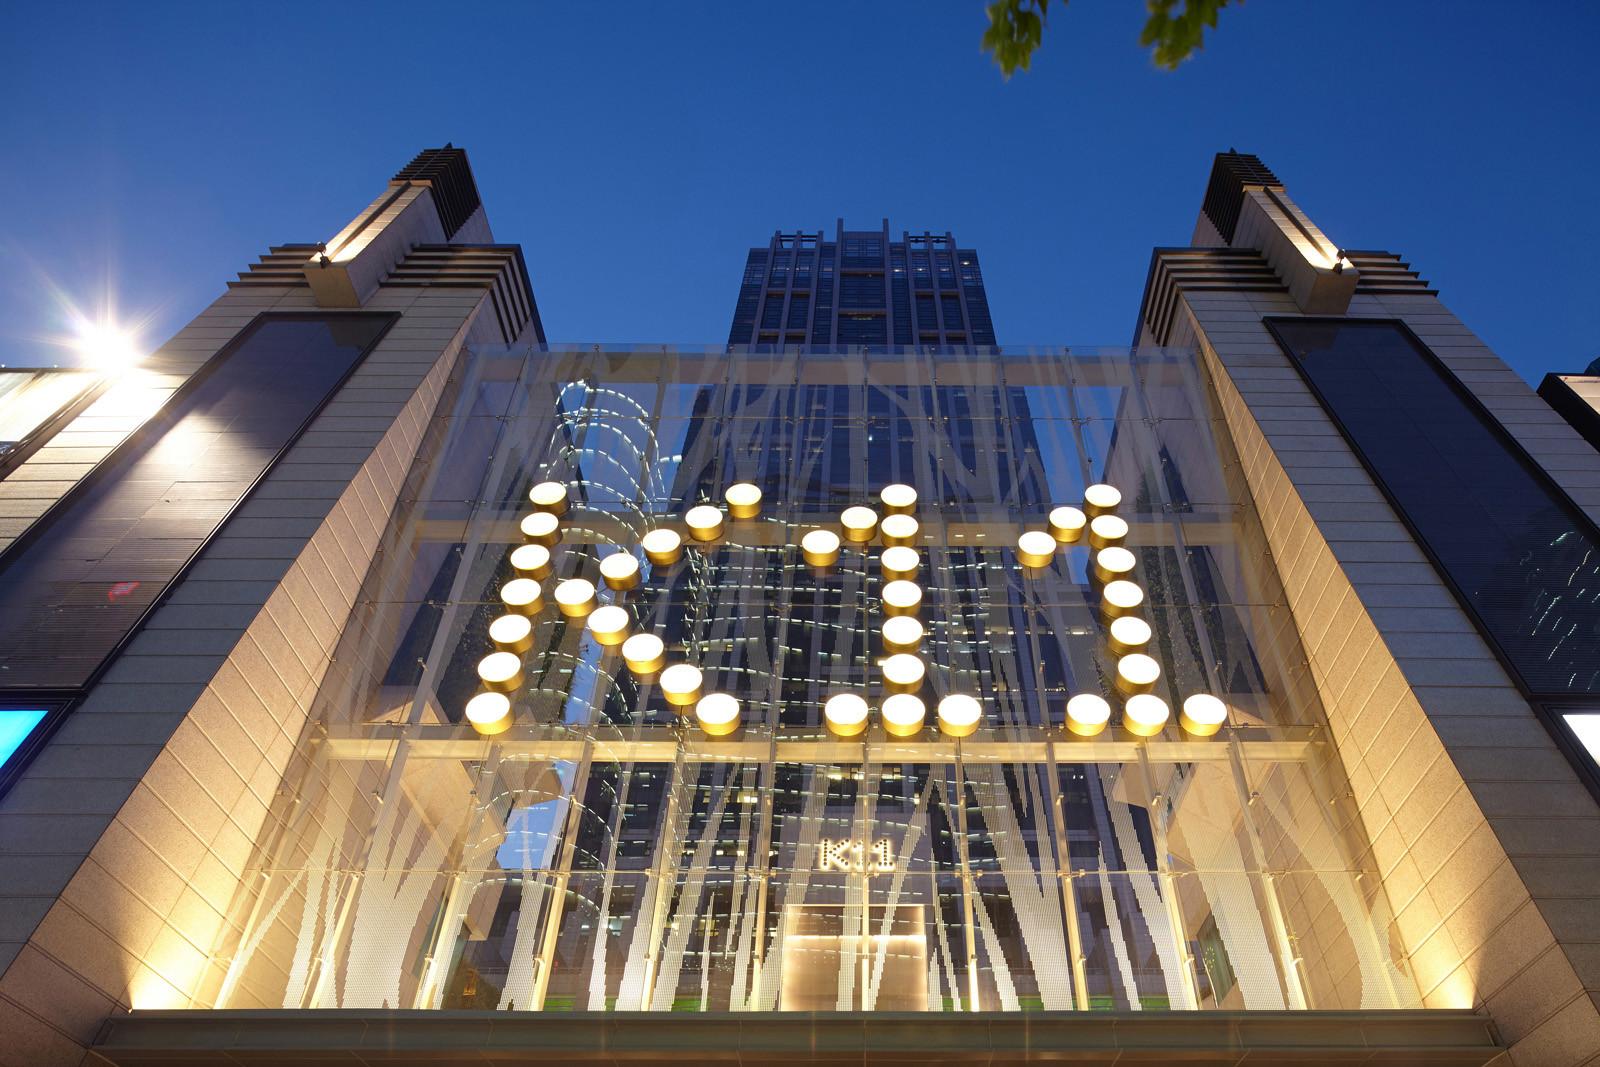 K11 Art Mall Shanghai Kokaistudios - 2